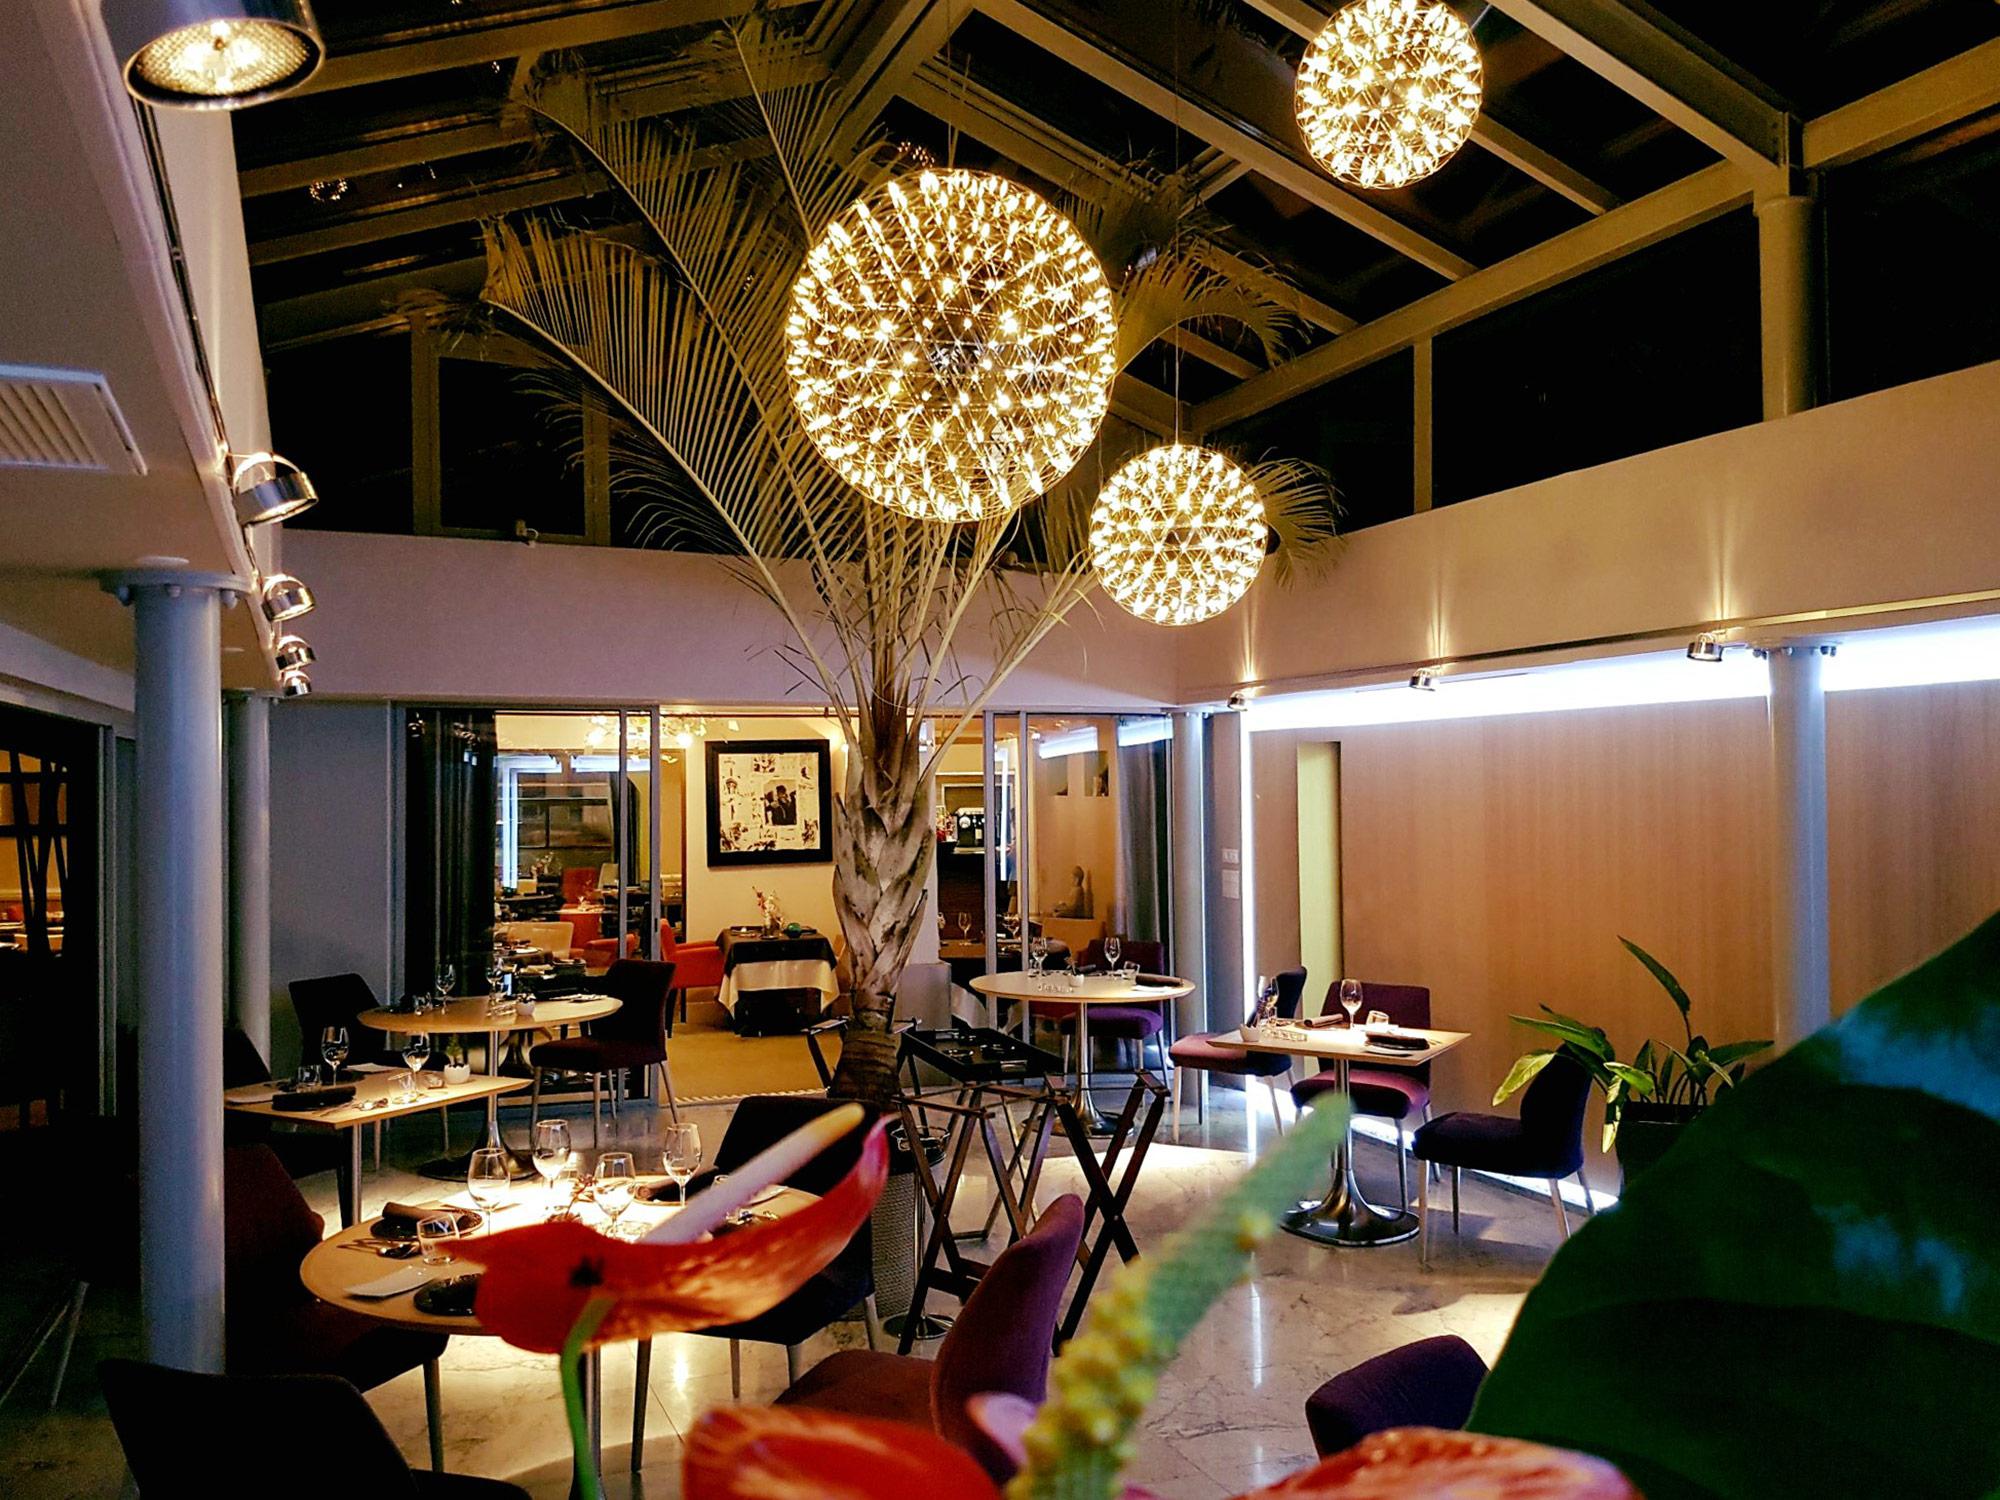 Salle de restaurant sous verrière, palmier, grande suspension